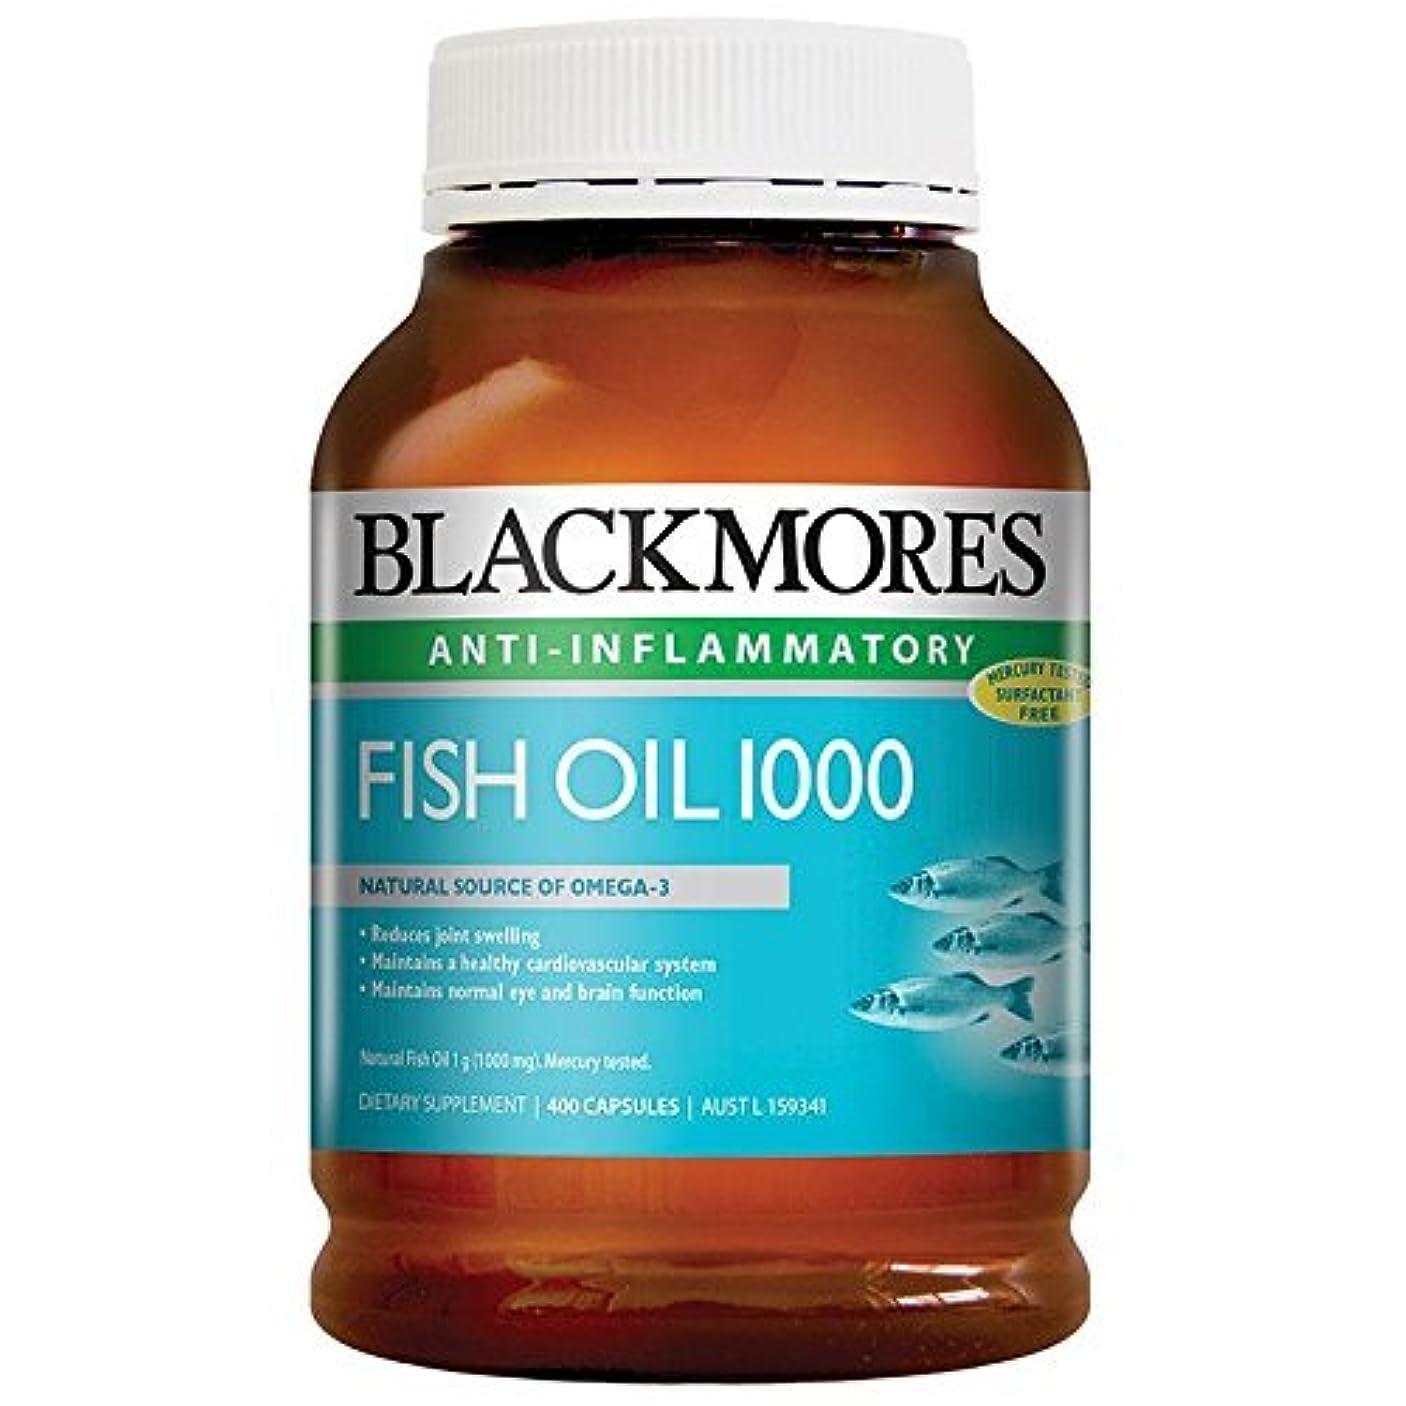 年金受給者アンビエントしてはいけませんBlackmores Fish Oil 400 Caps 1000 Omega3 Dha, EPA Fatty Acids with 1pcs Chinese Knot Gift by Blackmores LTD